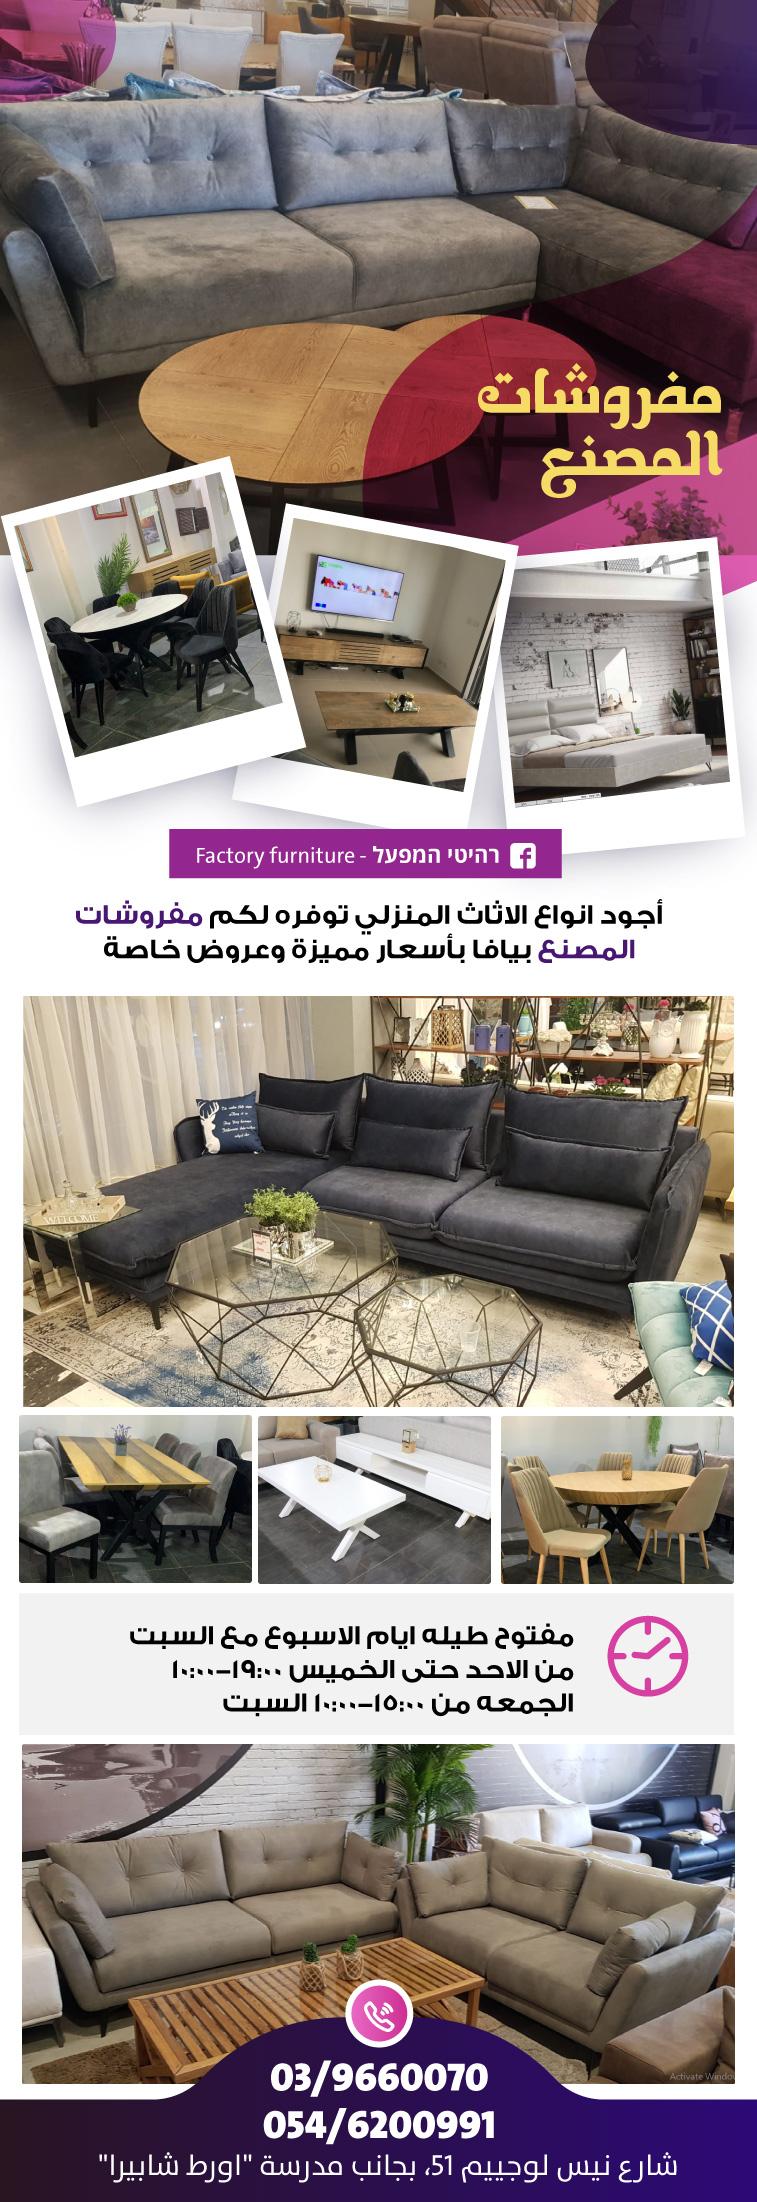 عفش بيتك بأرقى المفروشات من مفروشات المصنع في يافا